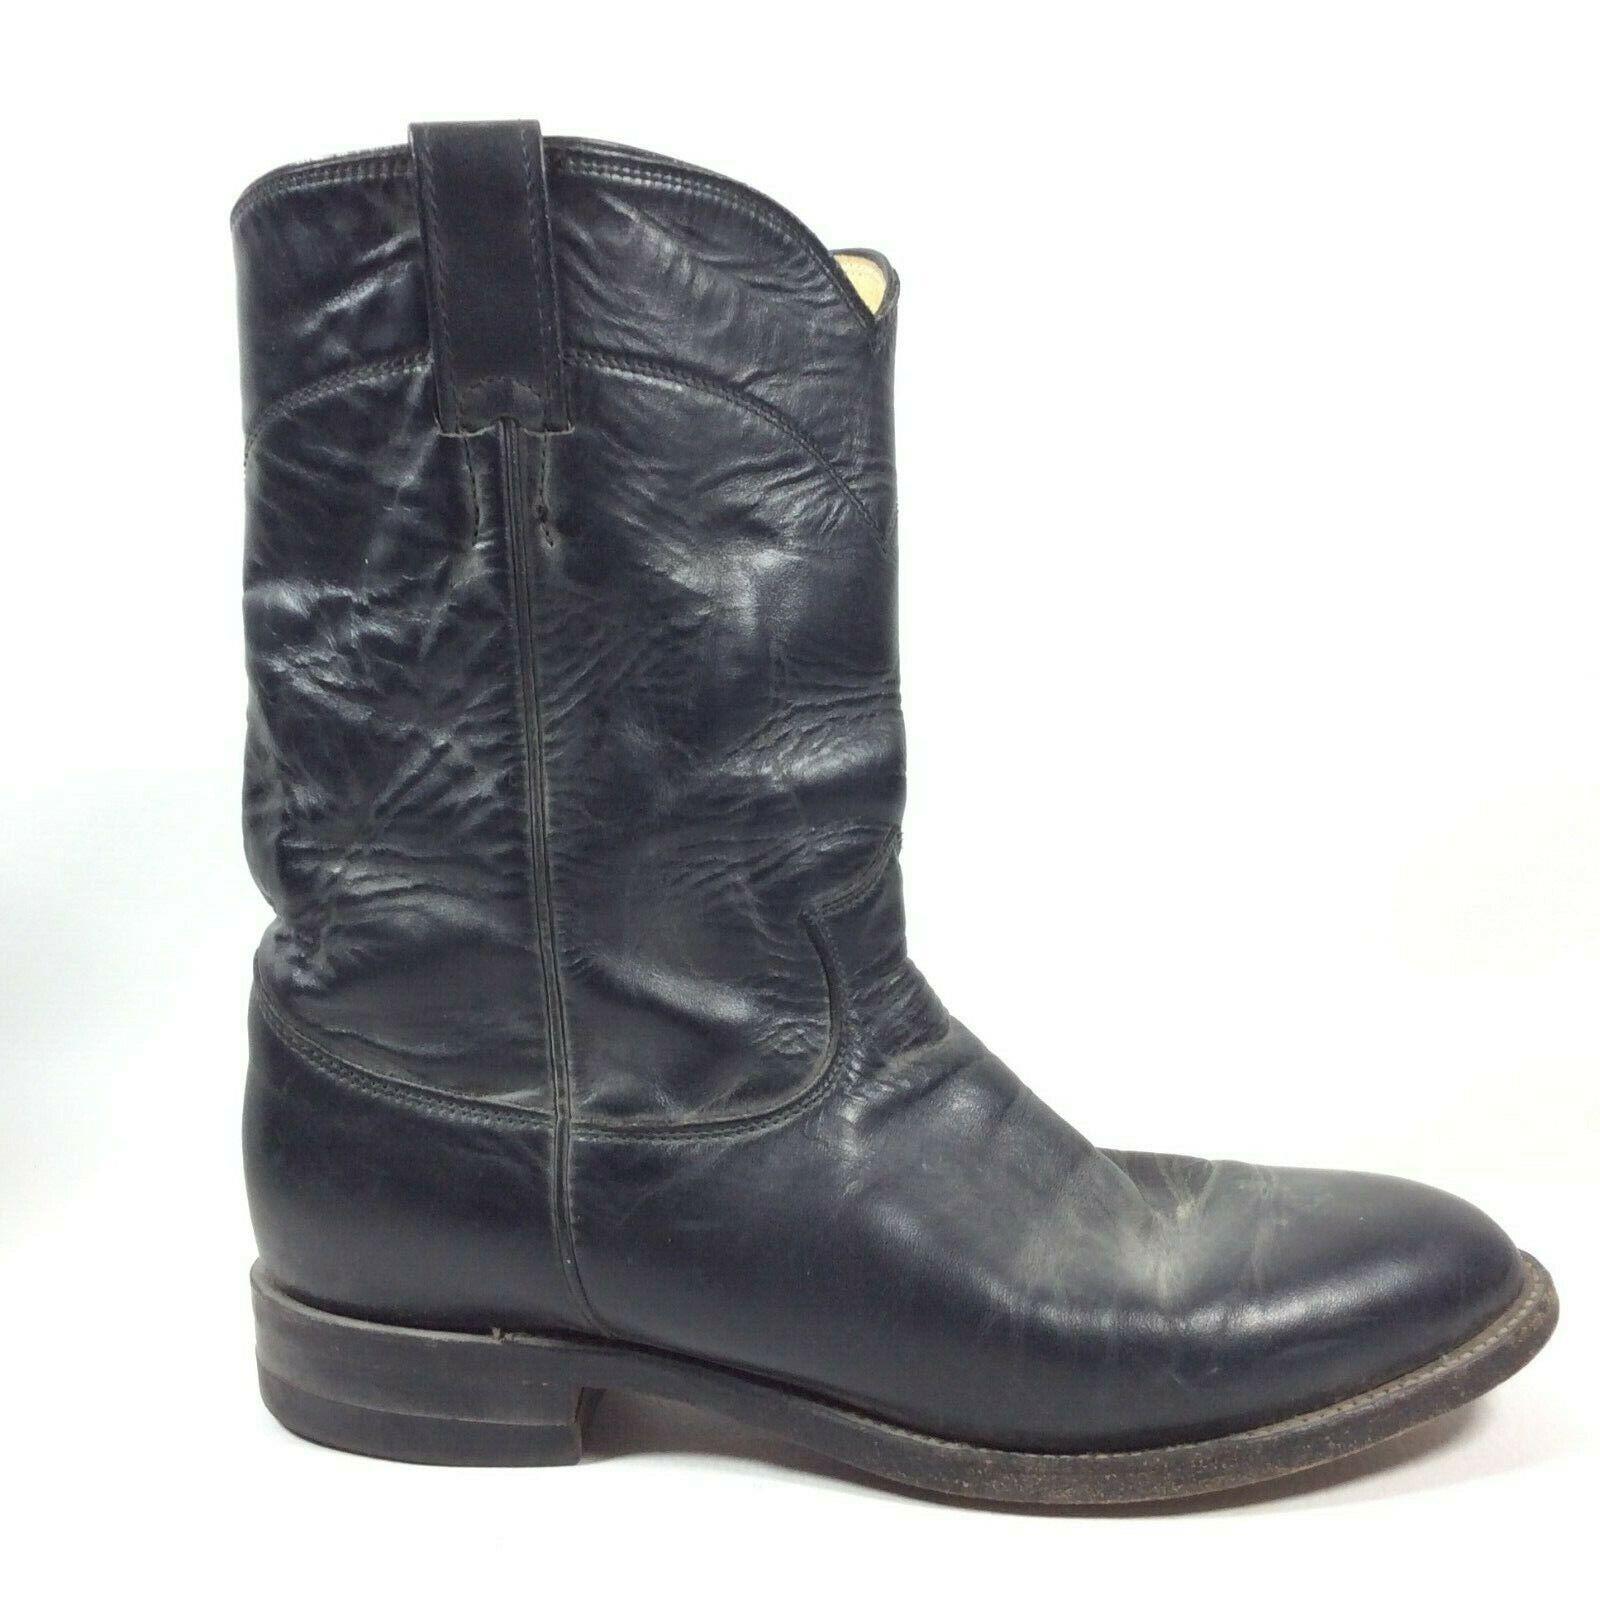 JUSTIN Mens Western Roper Cowboy stivali nero Kippen  Leather Dimensione 9 D 3133  migliore marca